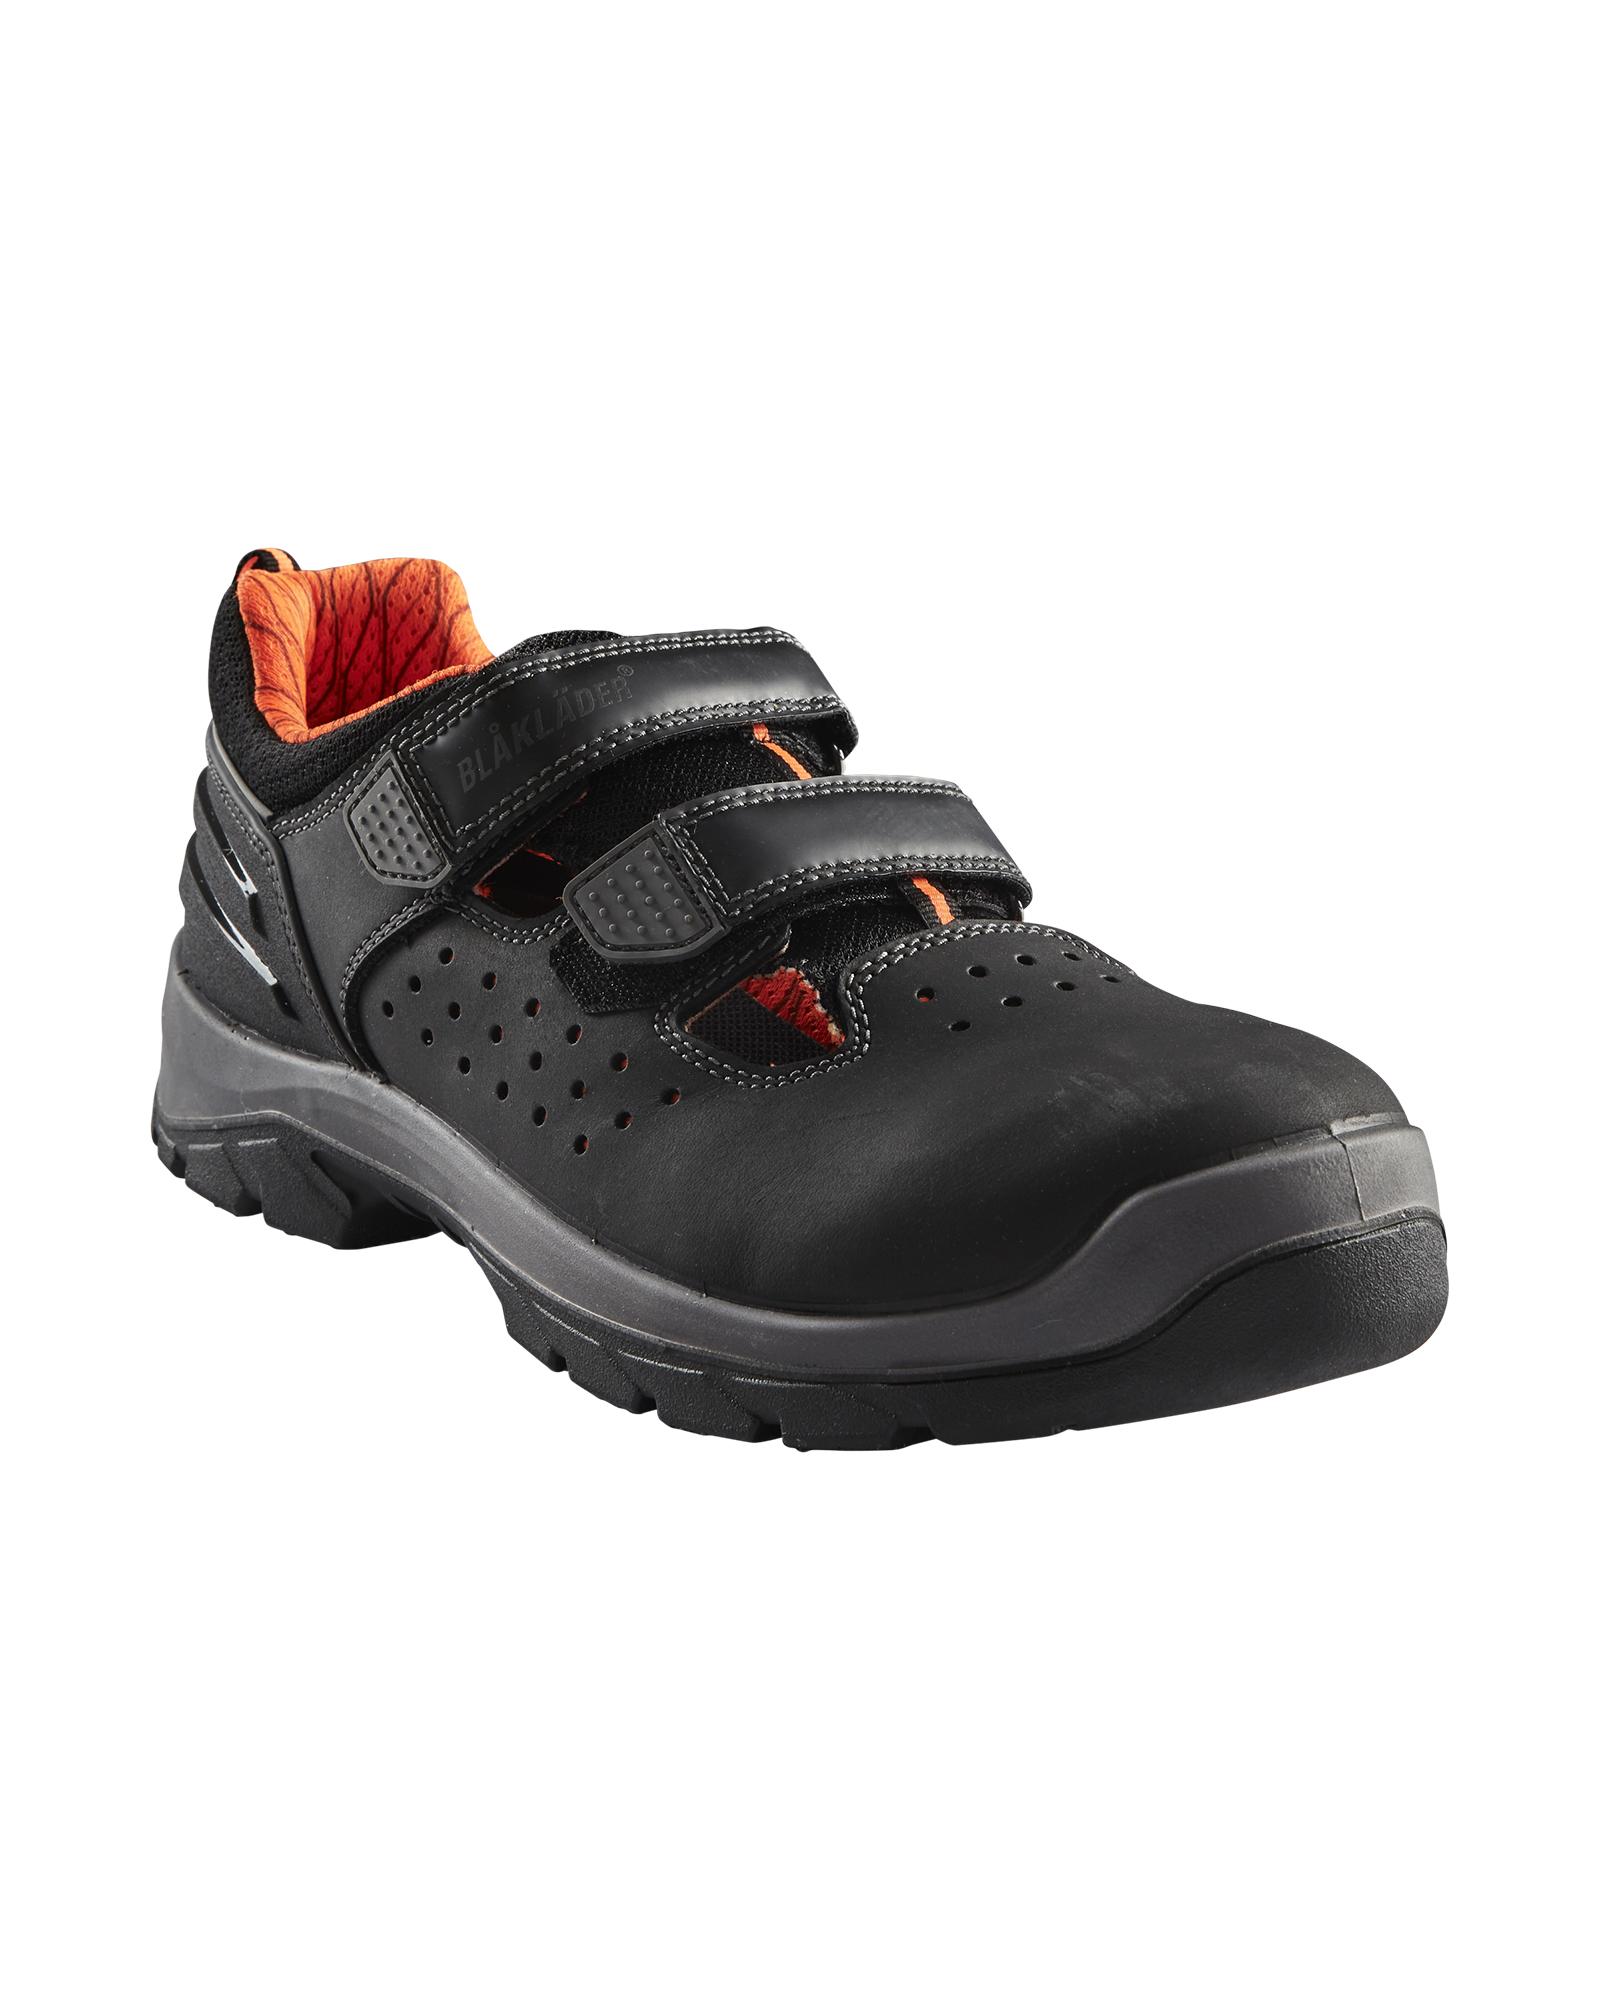 Safety sandal S1 P BLKL€DER 2449 ELITE